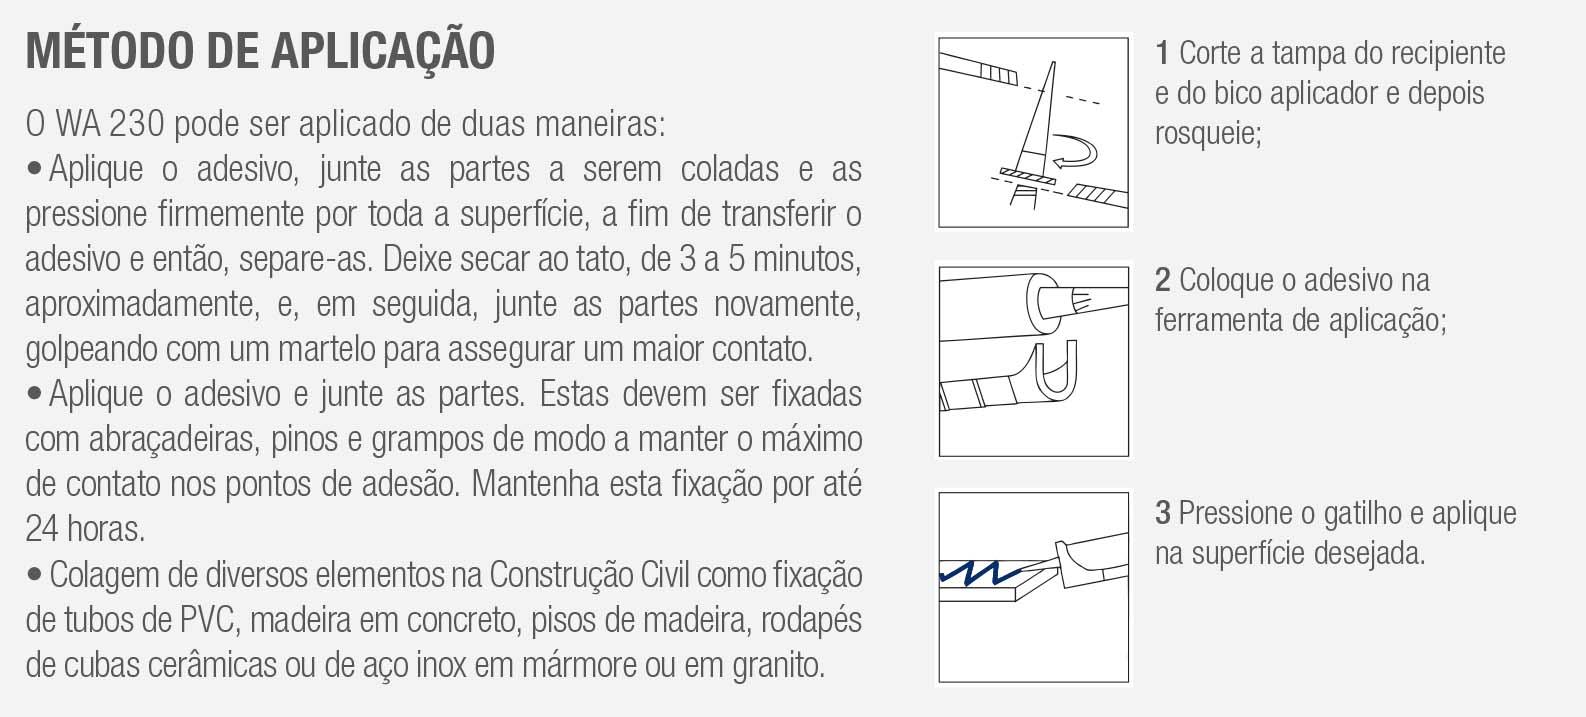 adesivo para materiais de construção wa 230